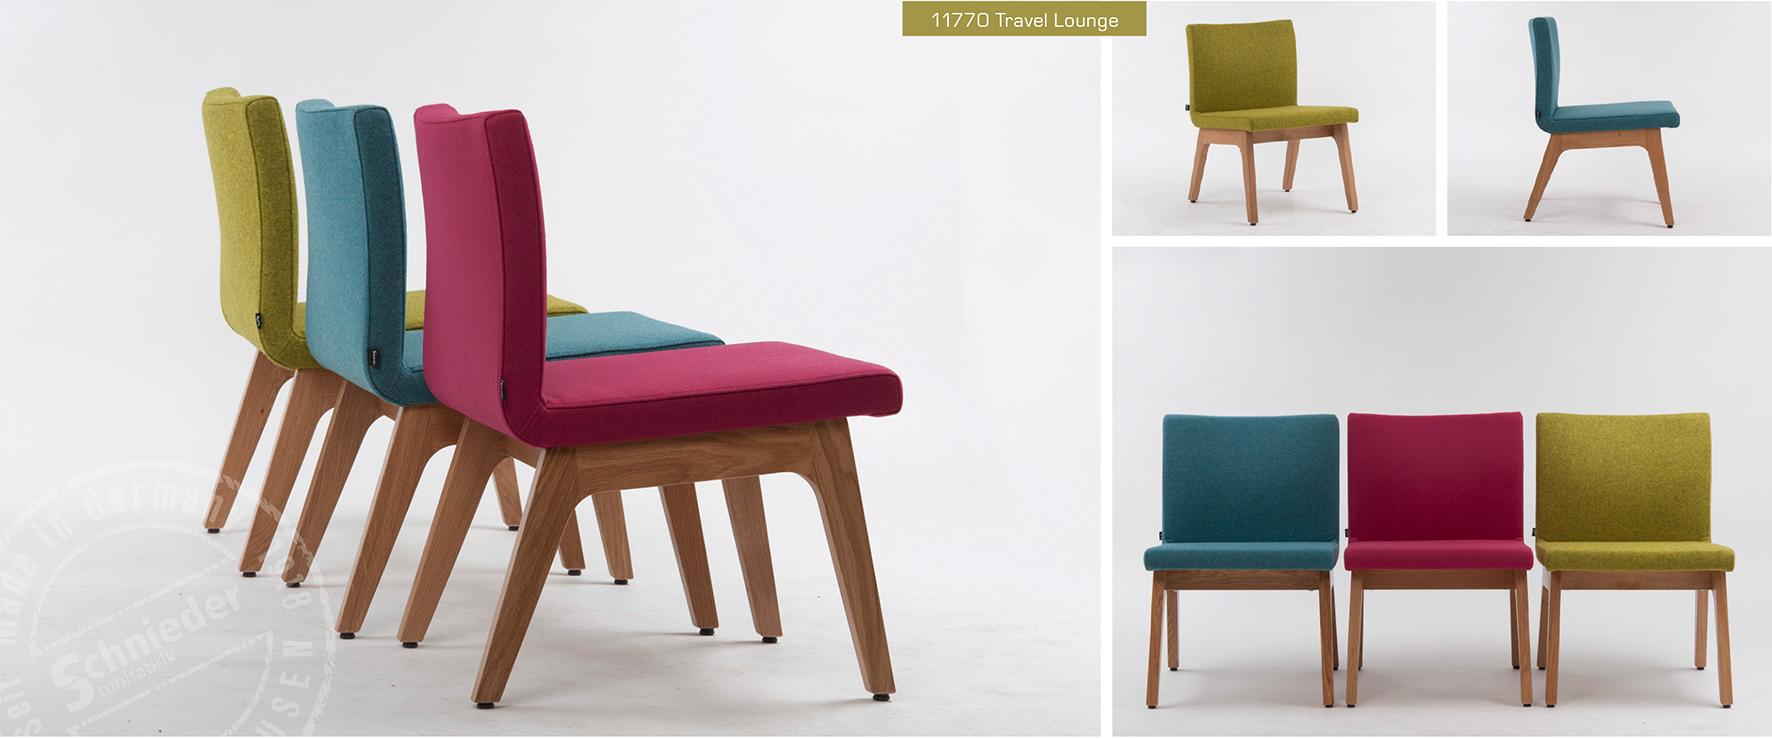 """Stühle mit Sitzschalen, die es """"auf sich"""" haben"""